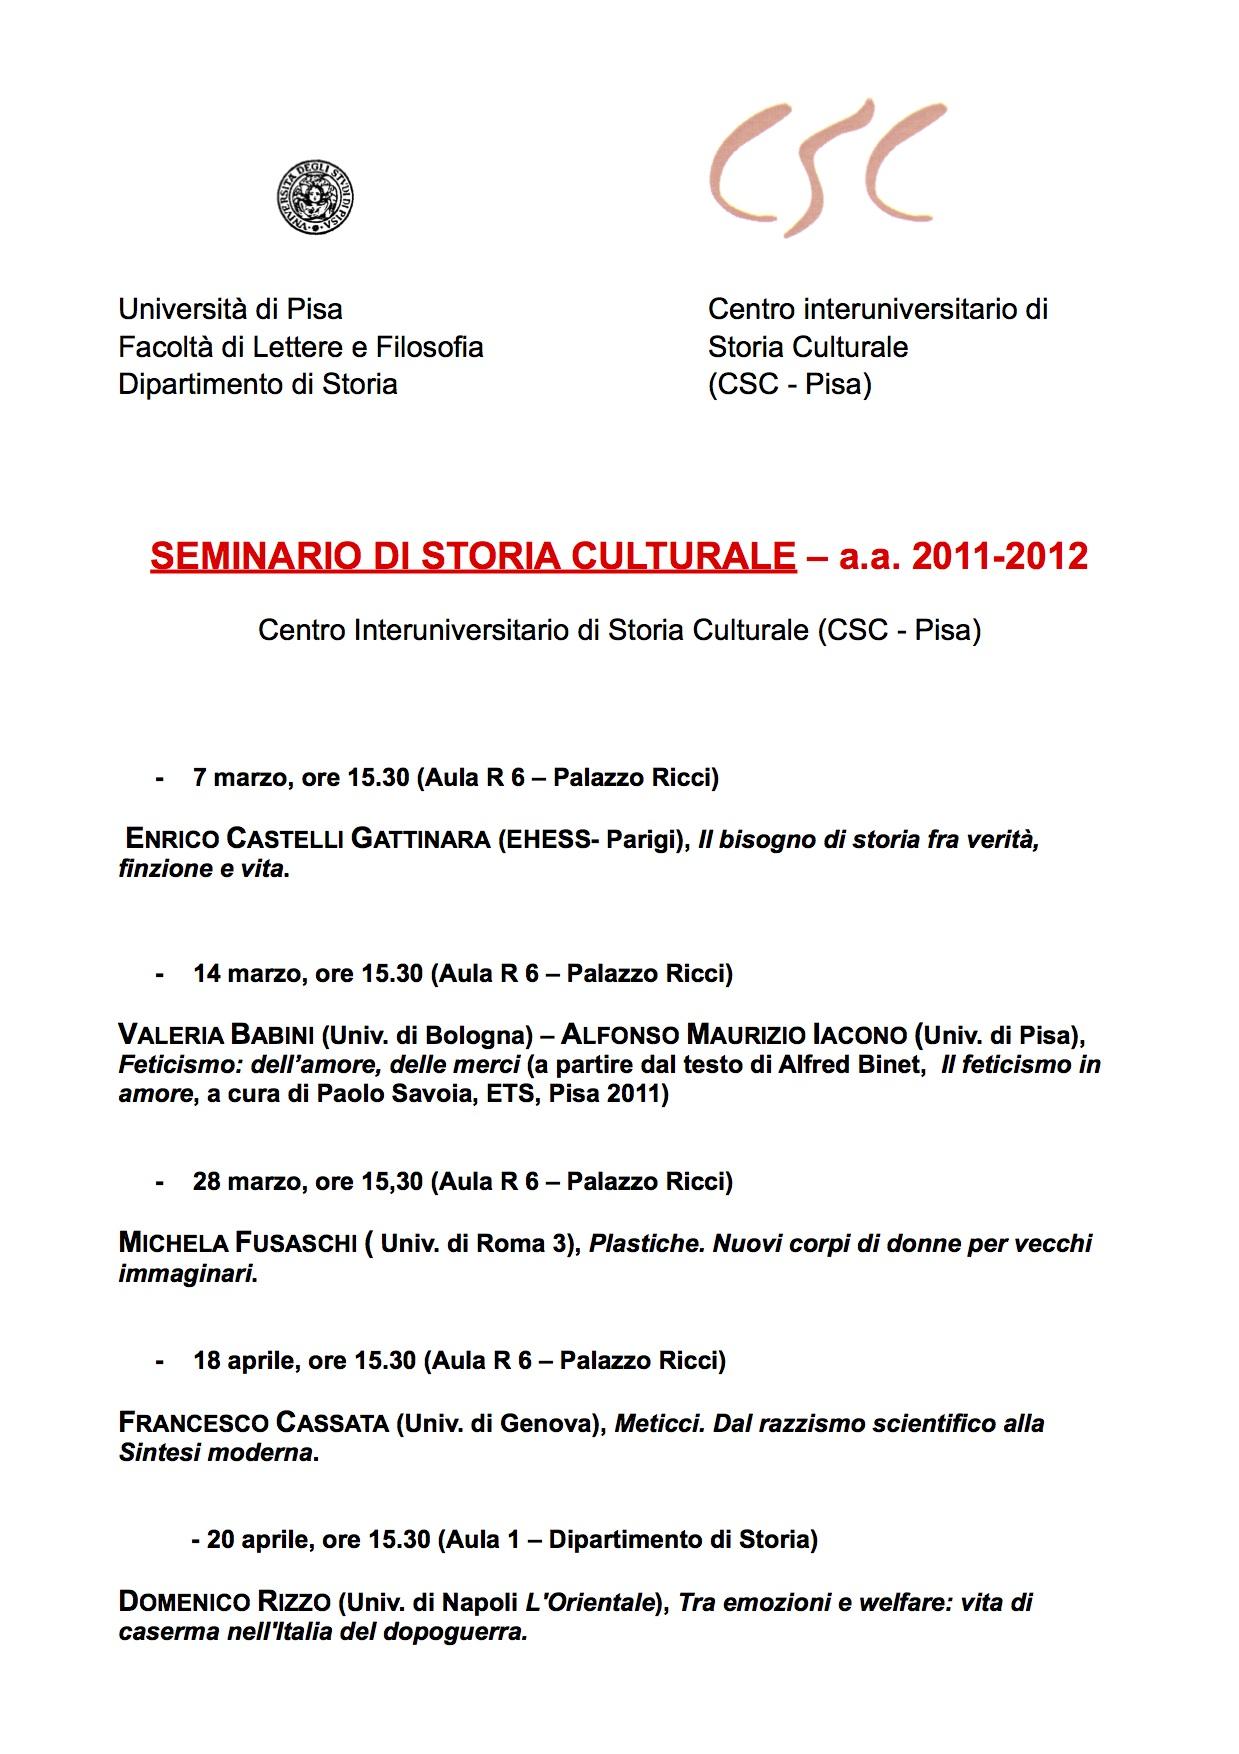 2011 (PI) Seminari Pisa.jpg